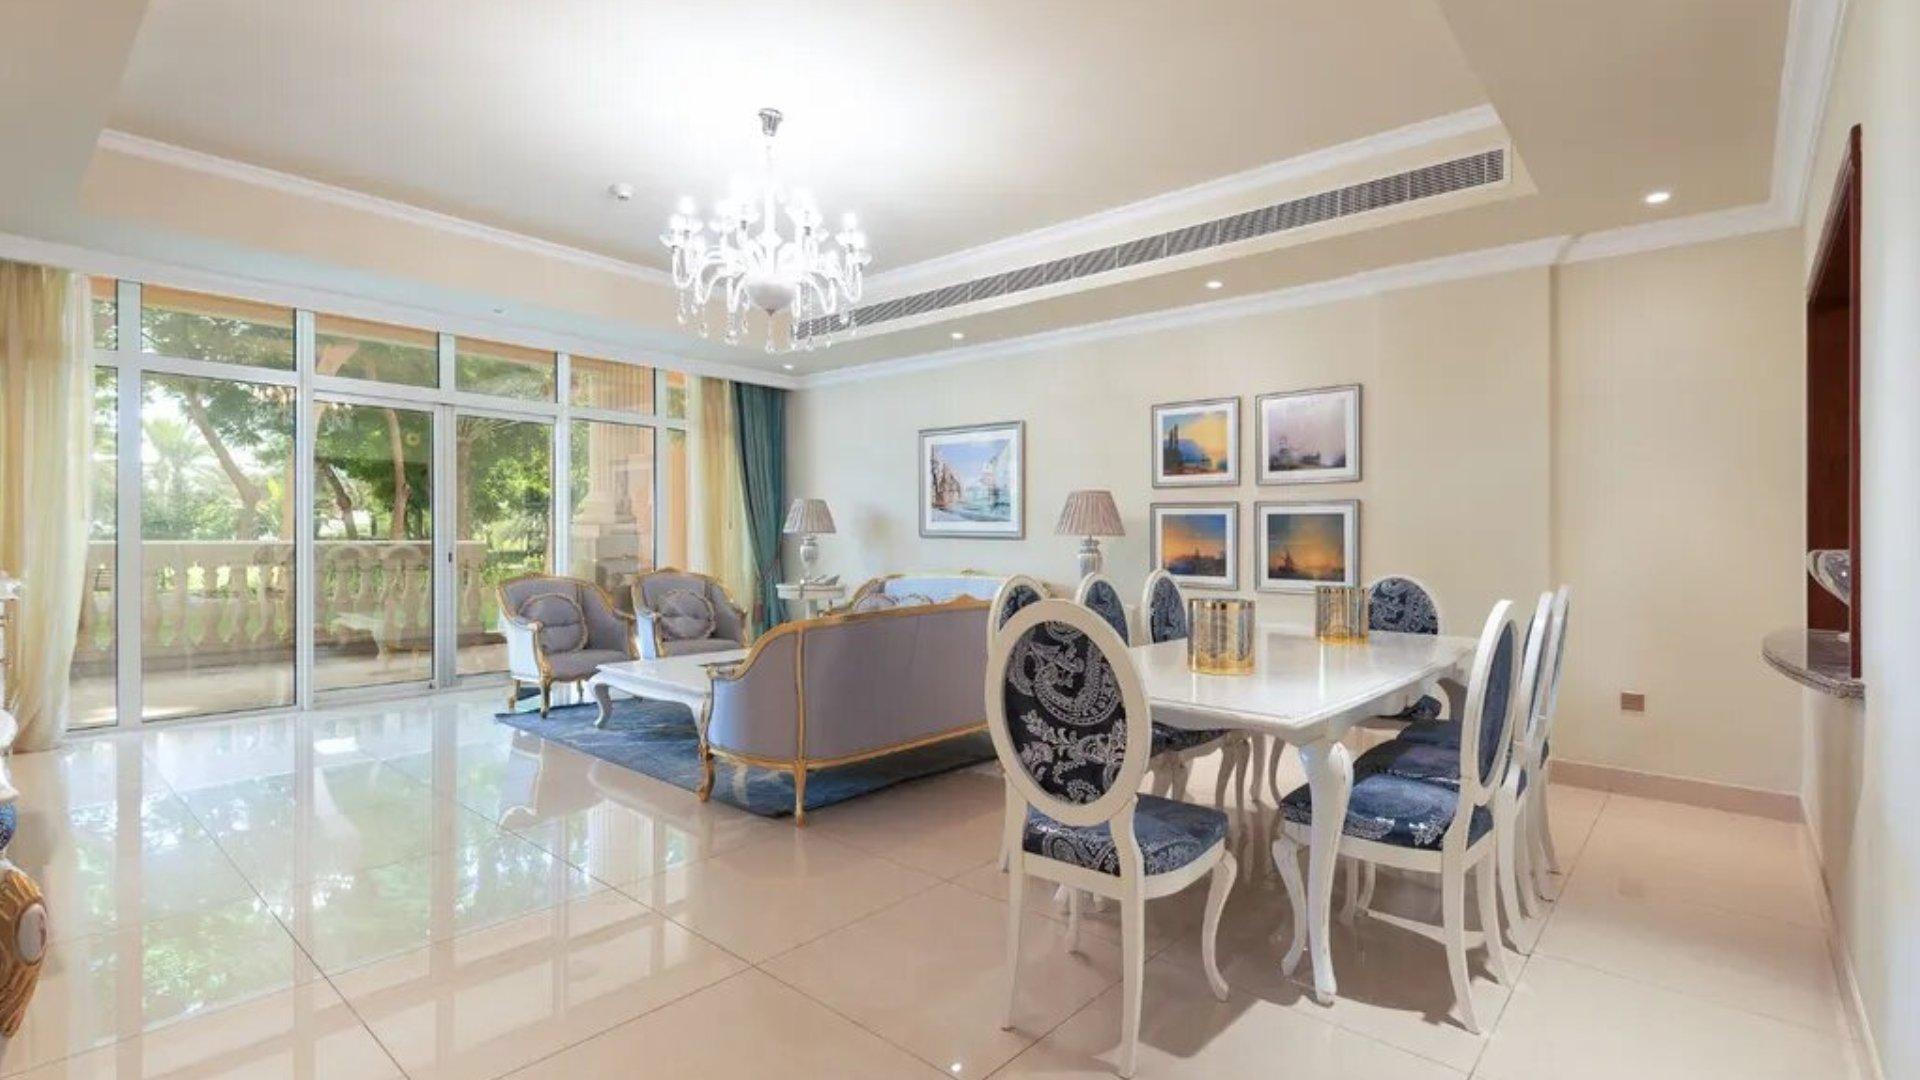 Villa en venta en Dubai, EAU, 7 dormitorios, 1130 m2, № 24351 – foto 2